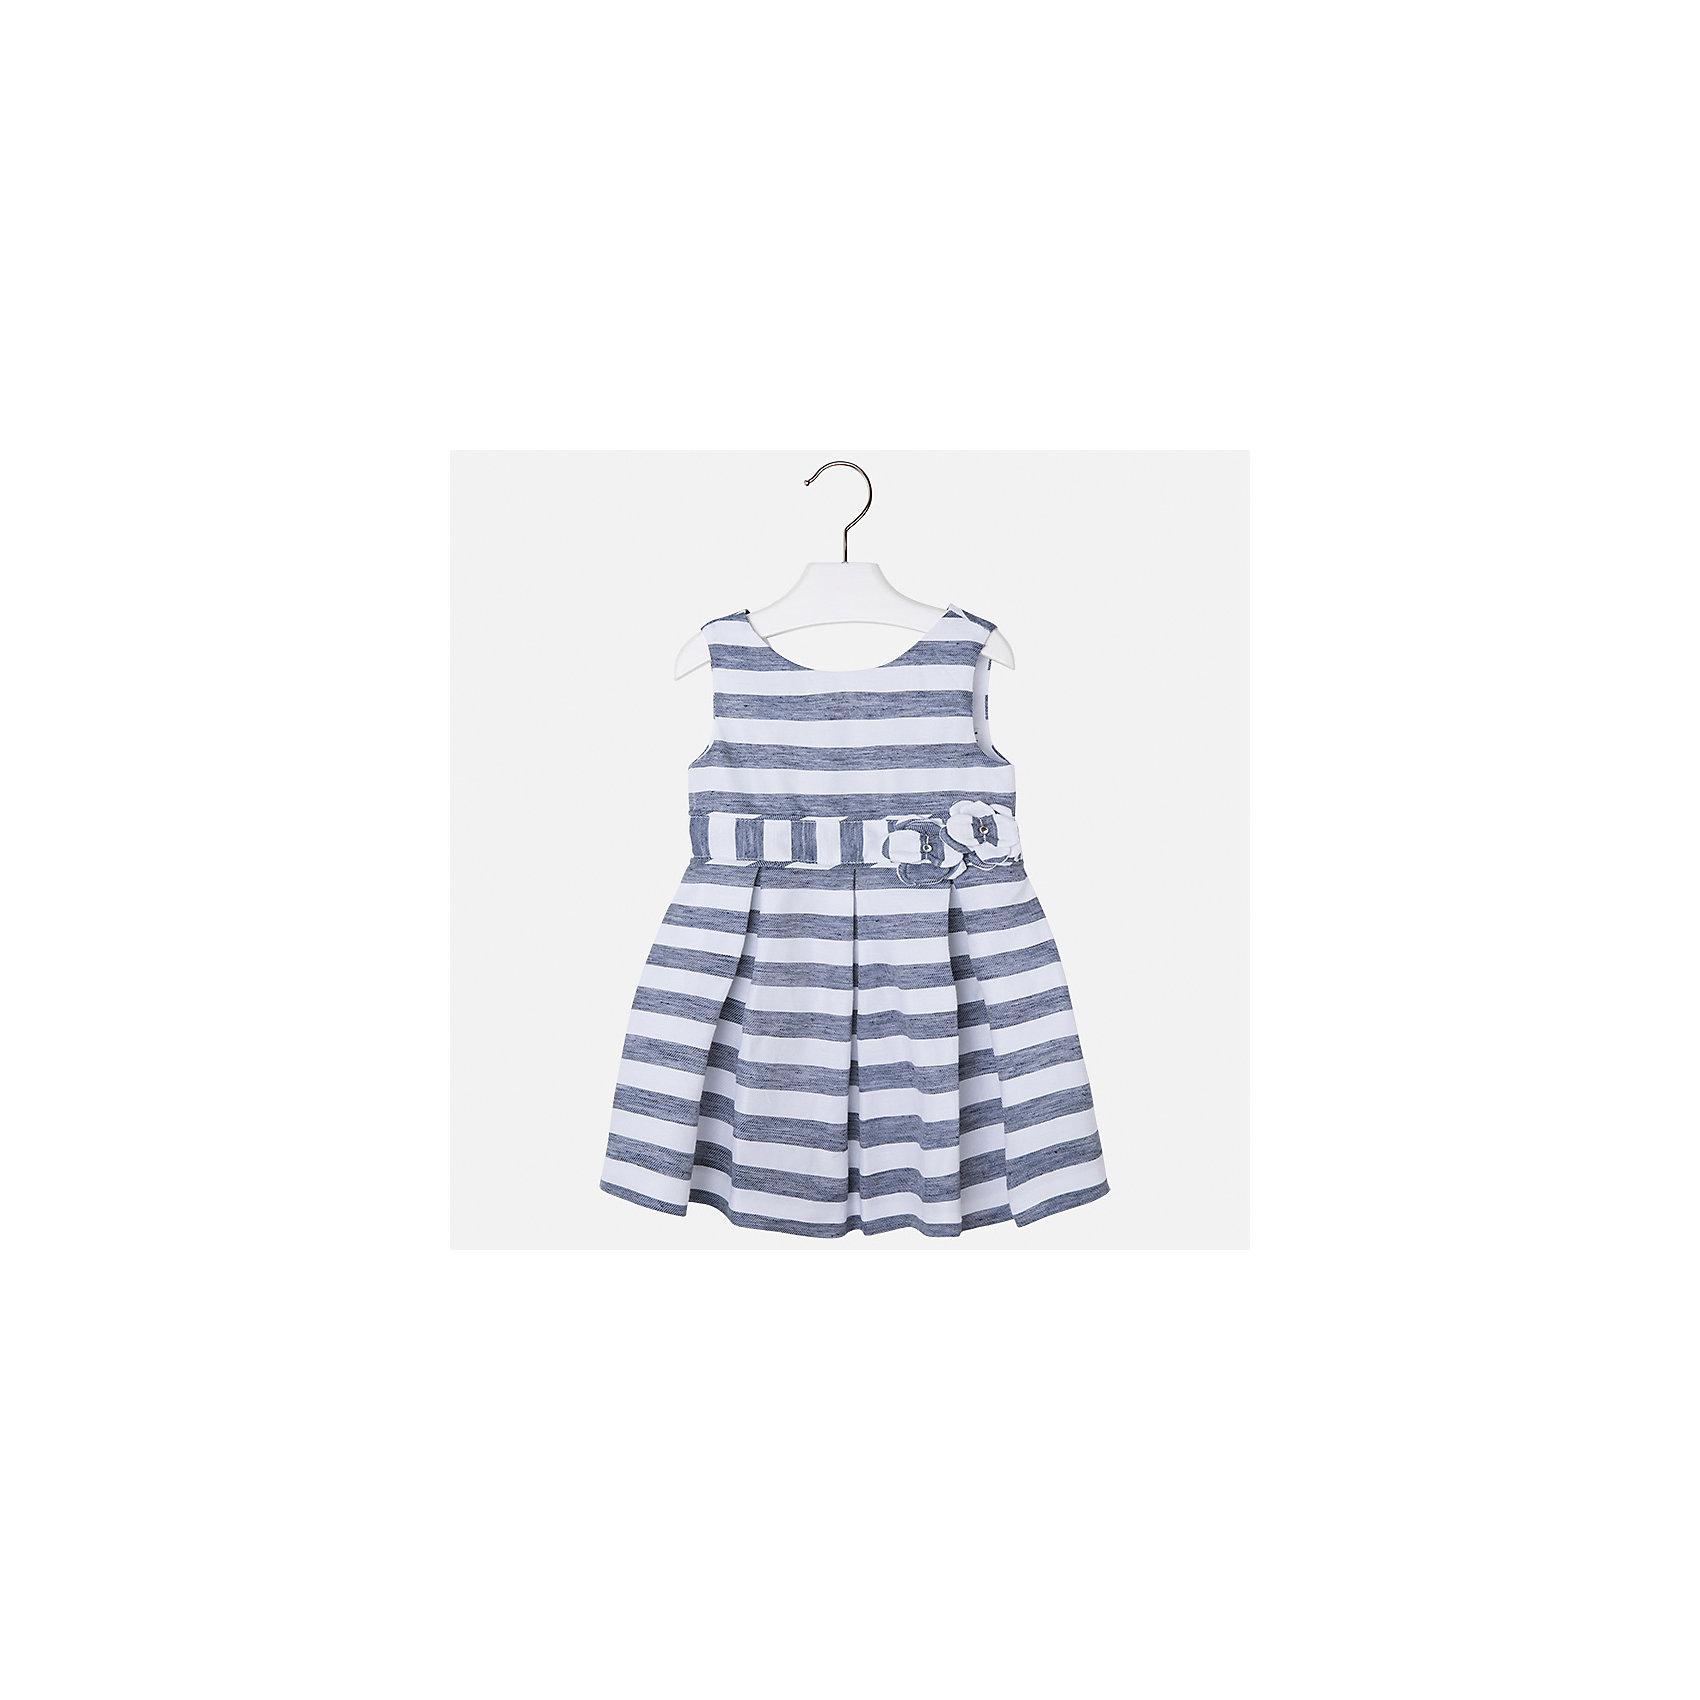 Платье для девочки MayoralХарактеристики товара:<br><br>• цвет: синий/белый<br>• состав: 53% полиэстер, 47% лен, подкладка - 65% полиэстер, 35% хлопок<br>• застежка: молния<br>• украшено цветами<br>• без рукавов<br>• с подкладкой<br>• страна бренда: Испания<br><br>Нарядное платье для девочки поможет разнообразить гардероб ребенка и создать эффектный наряд. Оно отлично подойдет для торжественных случаев или на каждый день. Красивый оттенок позволяет подобрать к вещи обувь разных расцветок. В составе материала подкладки - натуральный хлопок, гипоаллергенный, приятный на ощупь, дышащий. Платье хорошо сидит по фигуре.<br><br>Одежда, обувь и аксессуары от испанского бренда Mayoral полюбились детям и взрослым по всему миру. Модели этой марки - стильные и удобные. Для их производства используются только безопасные, качественные материалы и фурнитура. Порадуйте ребенка модными и красивыми вещами от Mayoral! <br><br>Платье для девочки от испанского бренда Mayoral (Майорал) можно купить в нашем интернет-магазине.<br><br>Ширина мм: 236<br>Глубина мм: 16<br>Высота мм: 184<br>Вес г: 177<br>Цвет: синий<br>Возраст от месяцев: 96<br>Возраст до месяцев: 108<br>Пол: Женский<br>Возраст: Детский<br>Размер: 134,92,98,104,110,116,122,128<br>SKU: 5291373